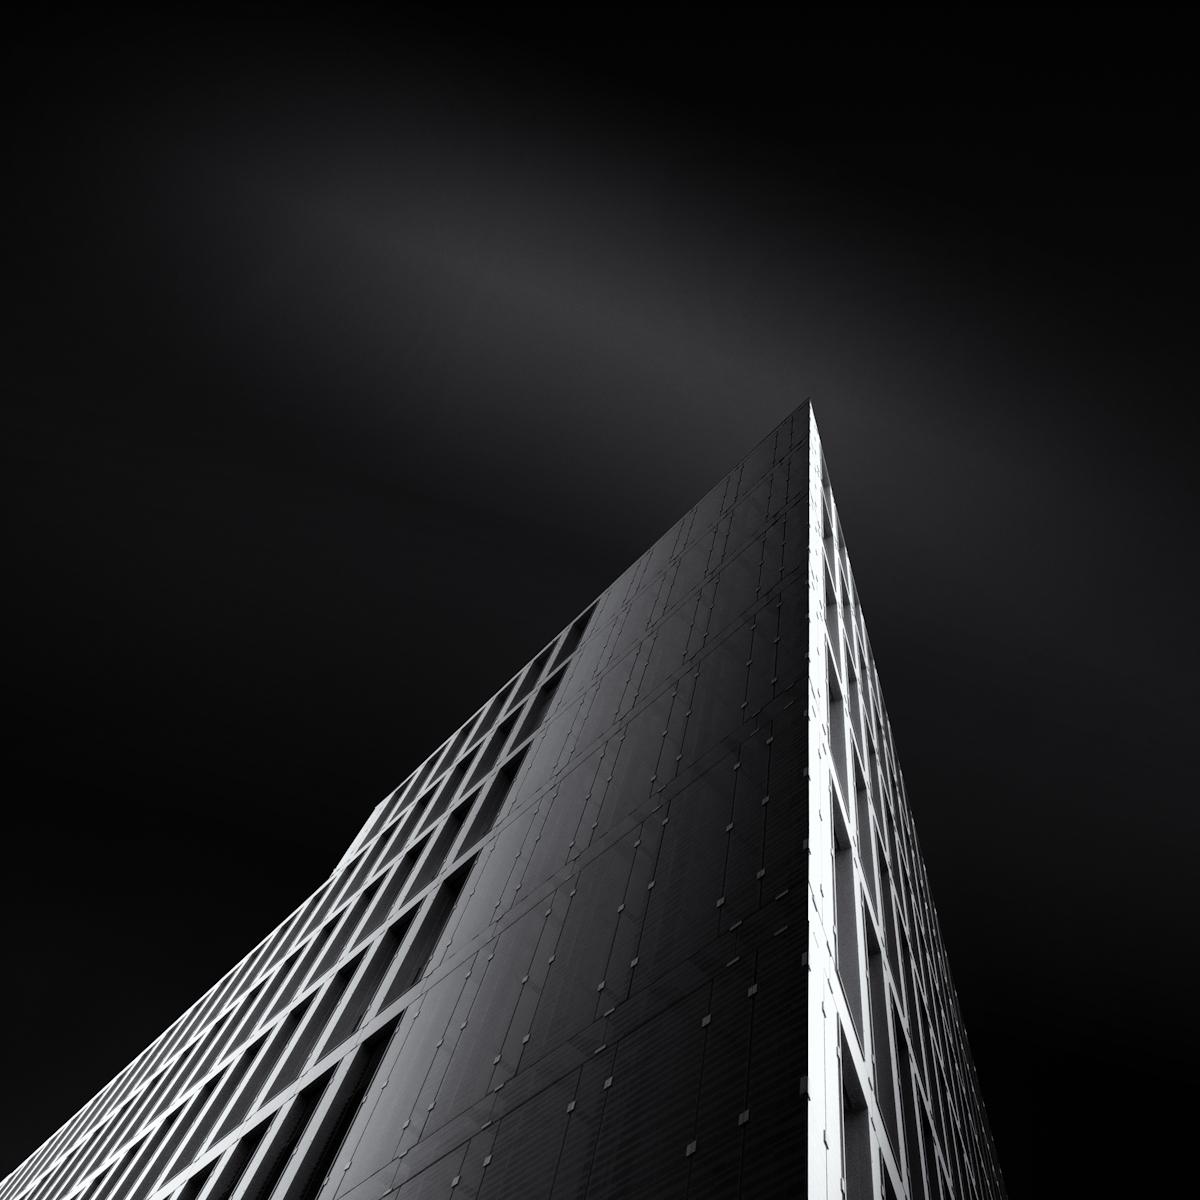 Schwarzweiß Architekturfotografie